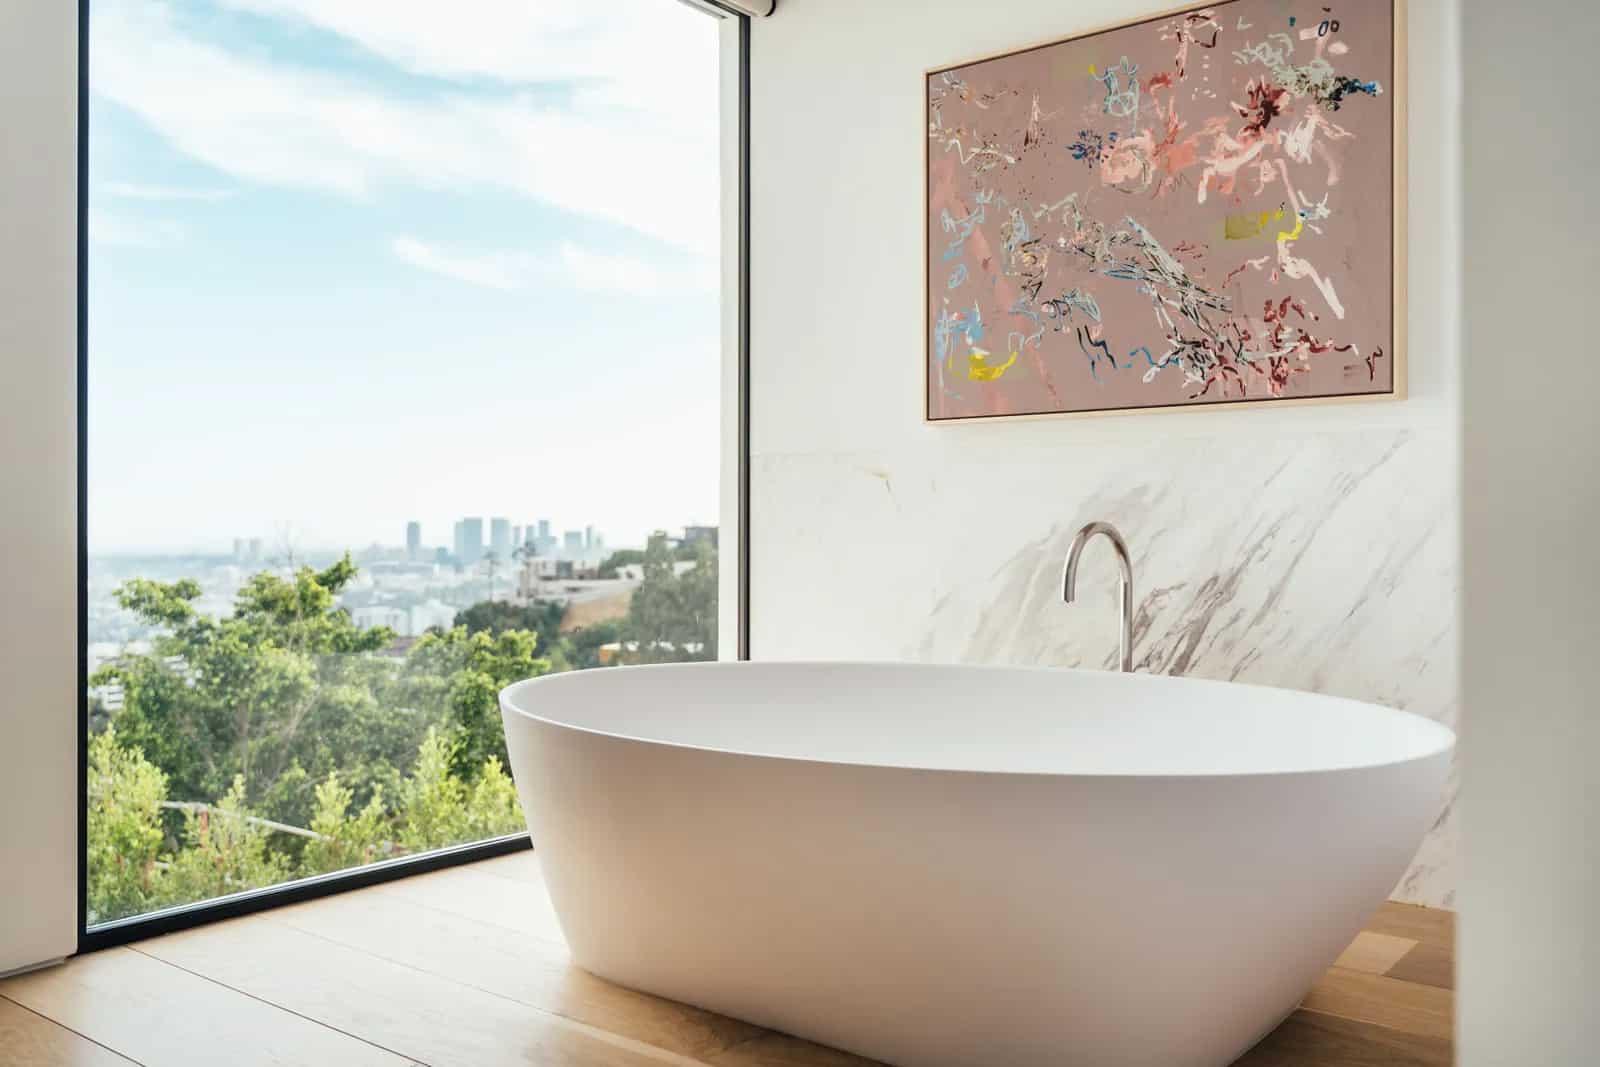 minimalističko-kupaonica